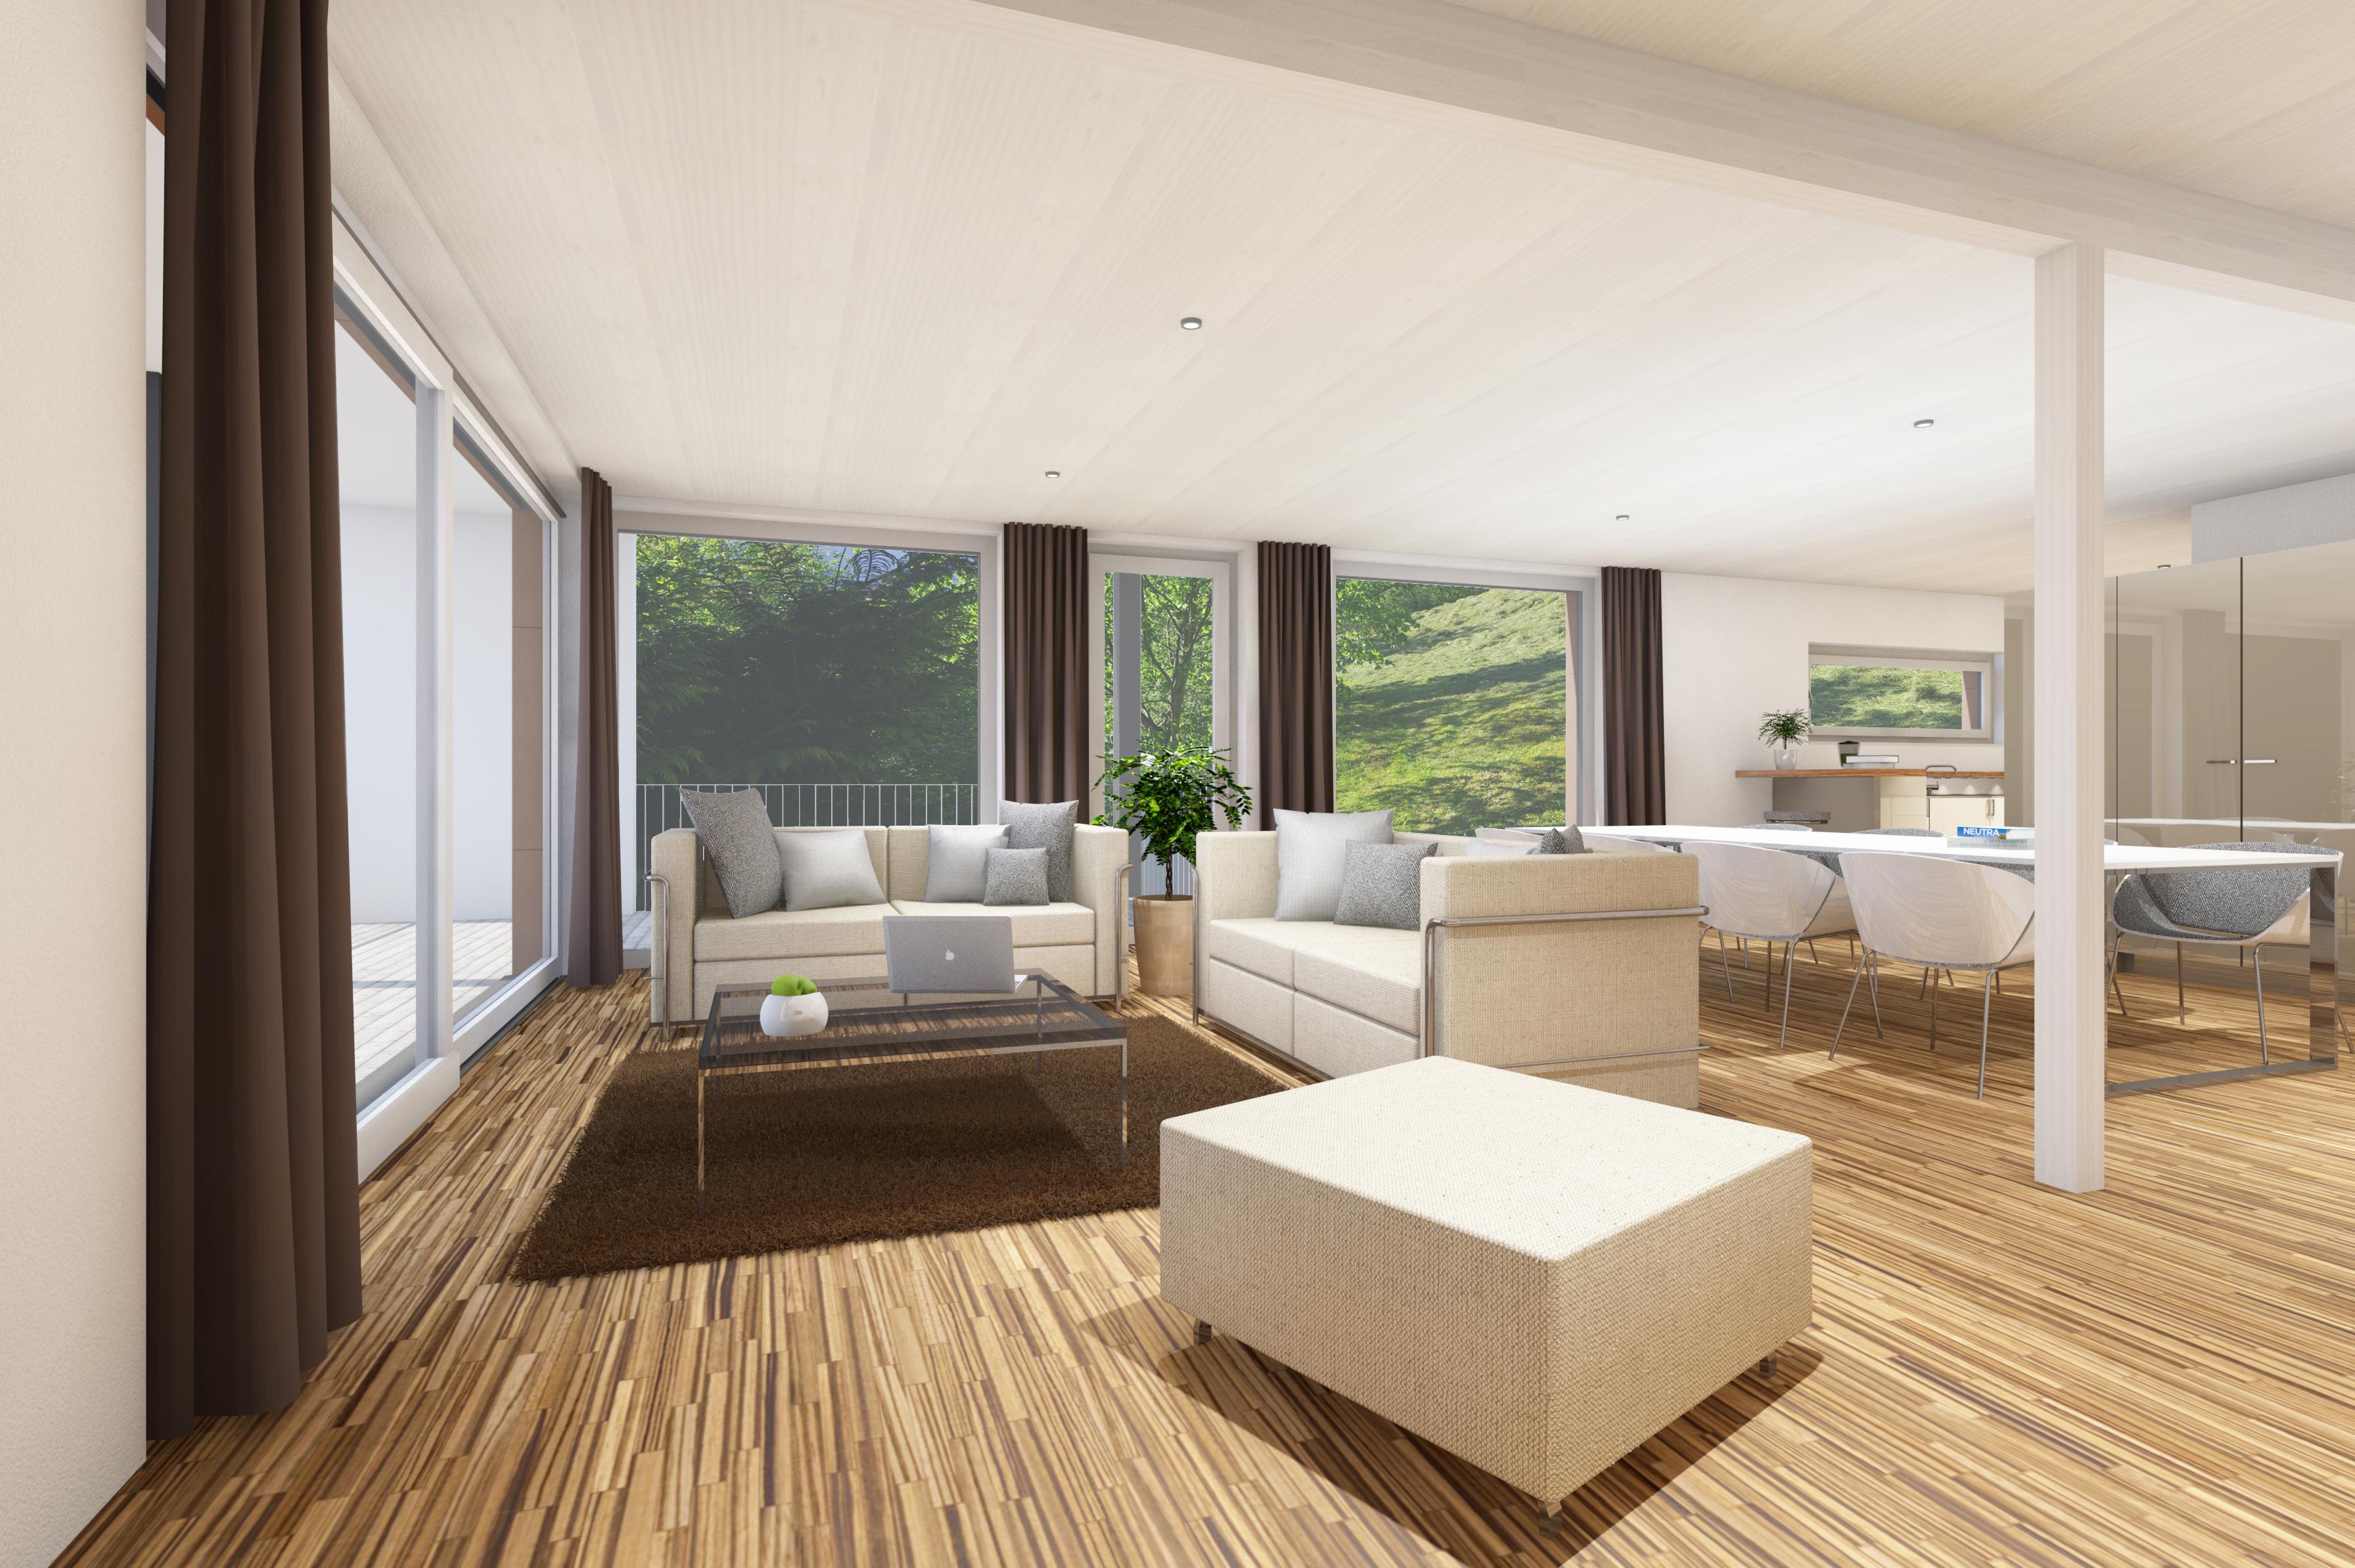 Wohnraum mit Hintergrund